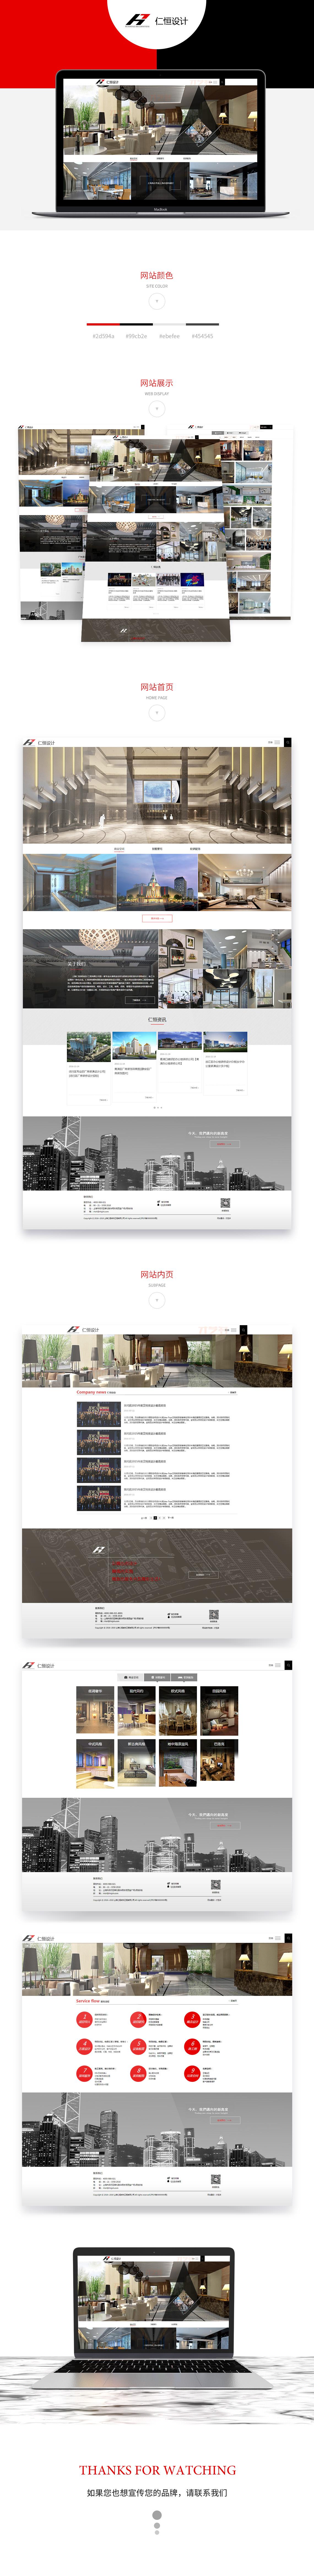 公司网站建设案例之仁恒装饰工程公司